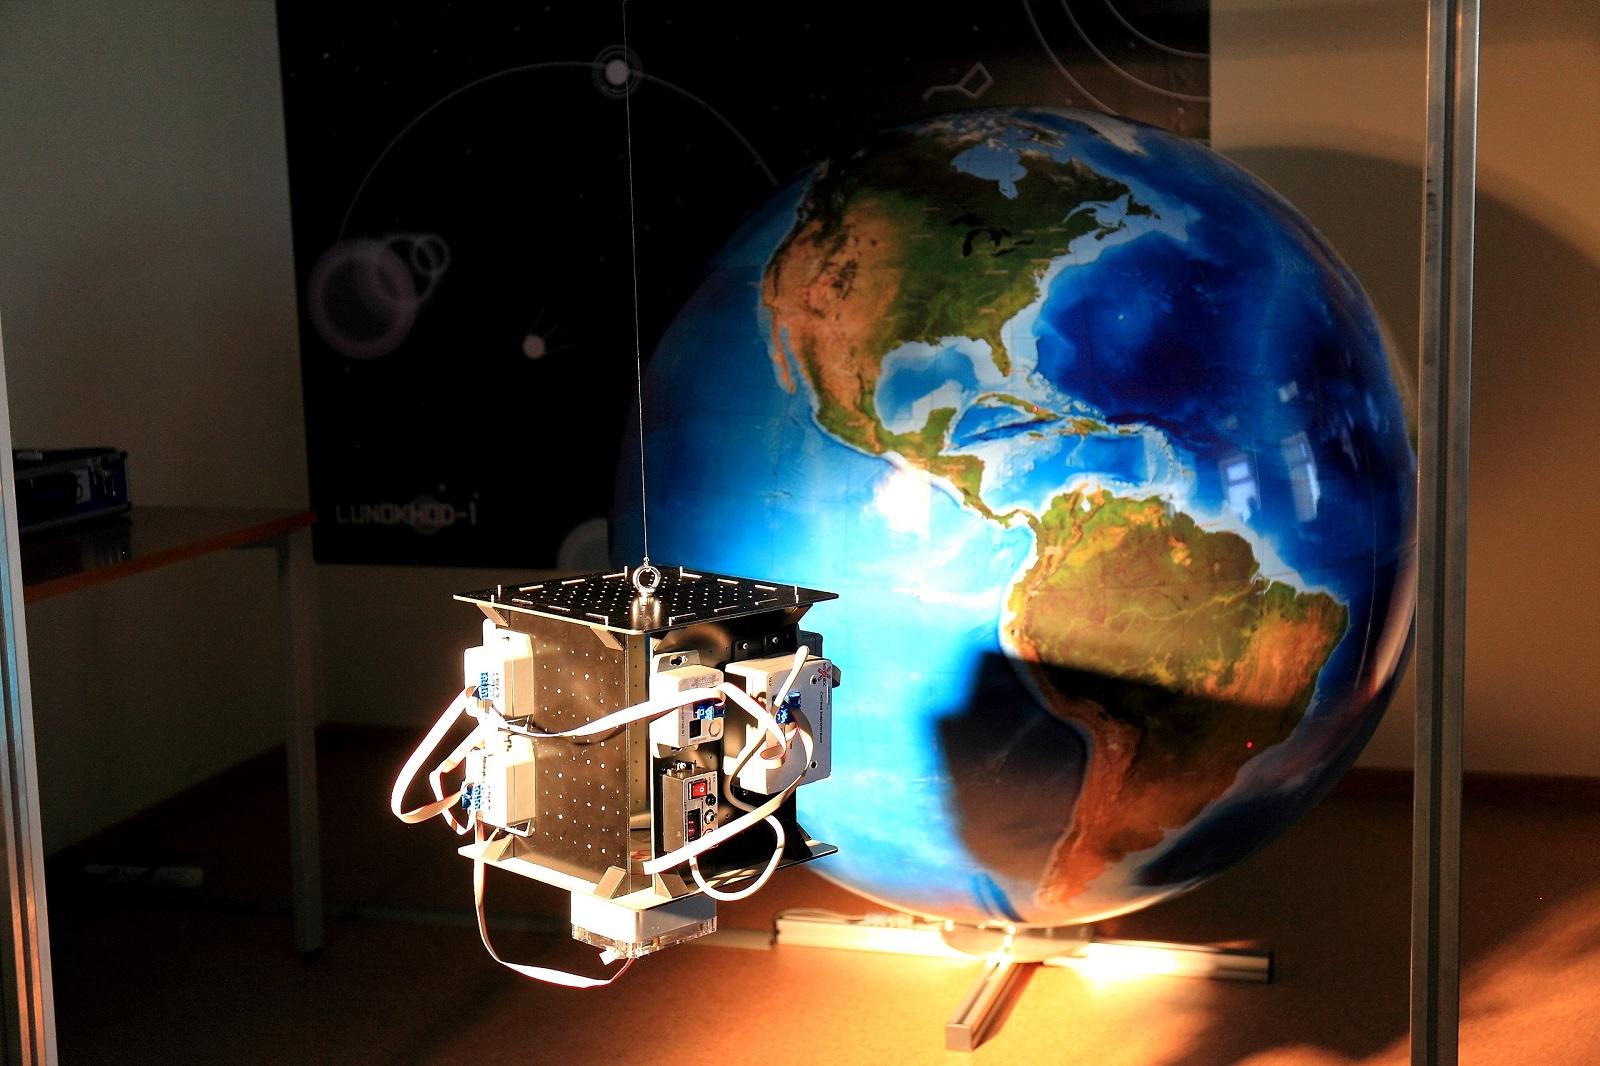 高等经济大学HSE向近地轨道发射了一颗卫星!插图3-小狮座俄罗斯留学